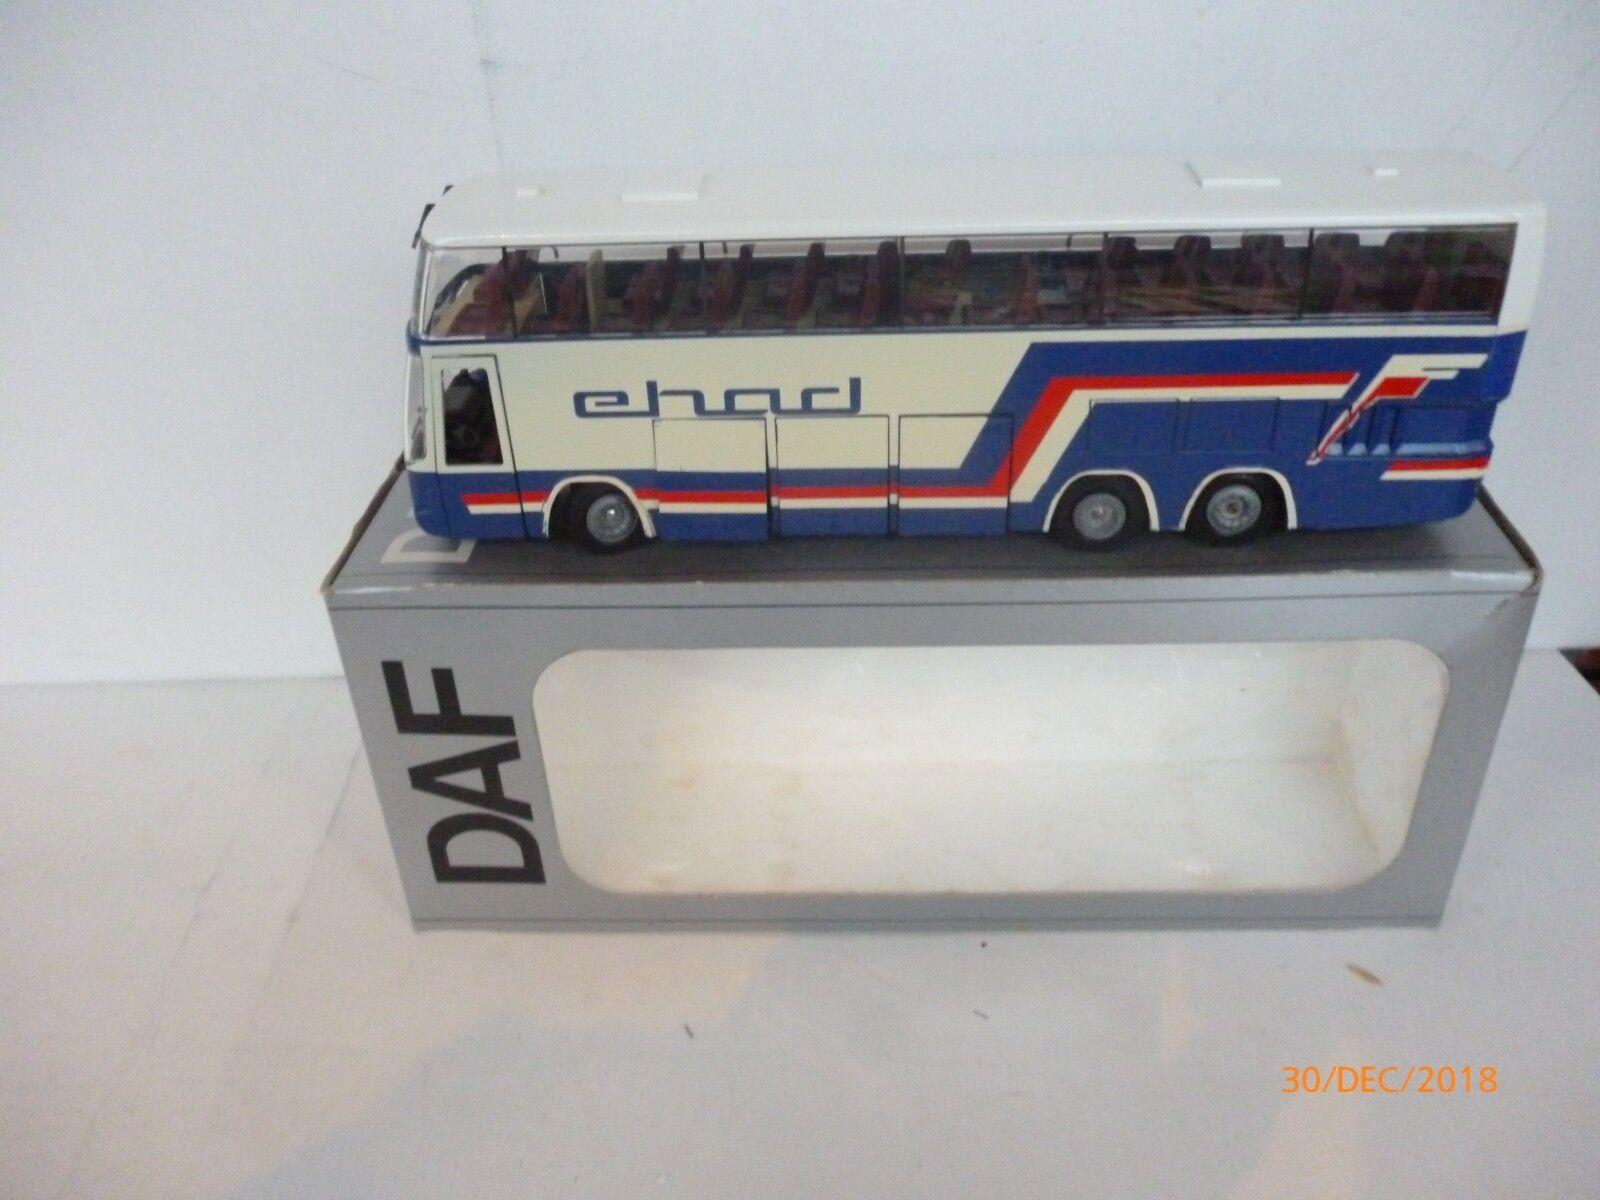 encuentra tu favorito aquí Tekno Tekno Tekno  DAF SBR 3000 EHAD Bus 1 50  Diecast  Reisebus Doppeldecker  NM + BOX  precios mas baratos